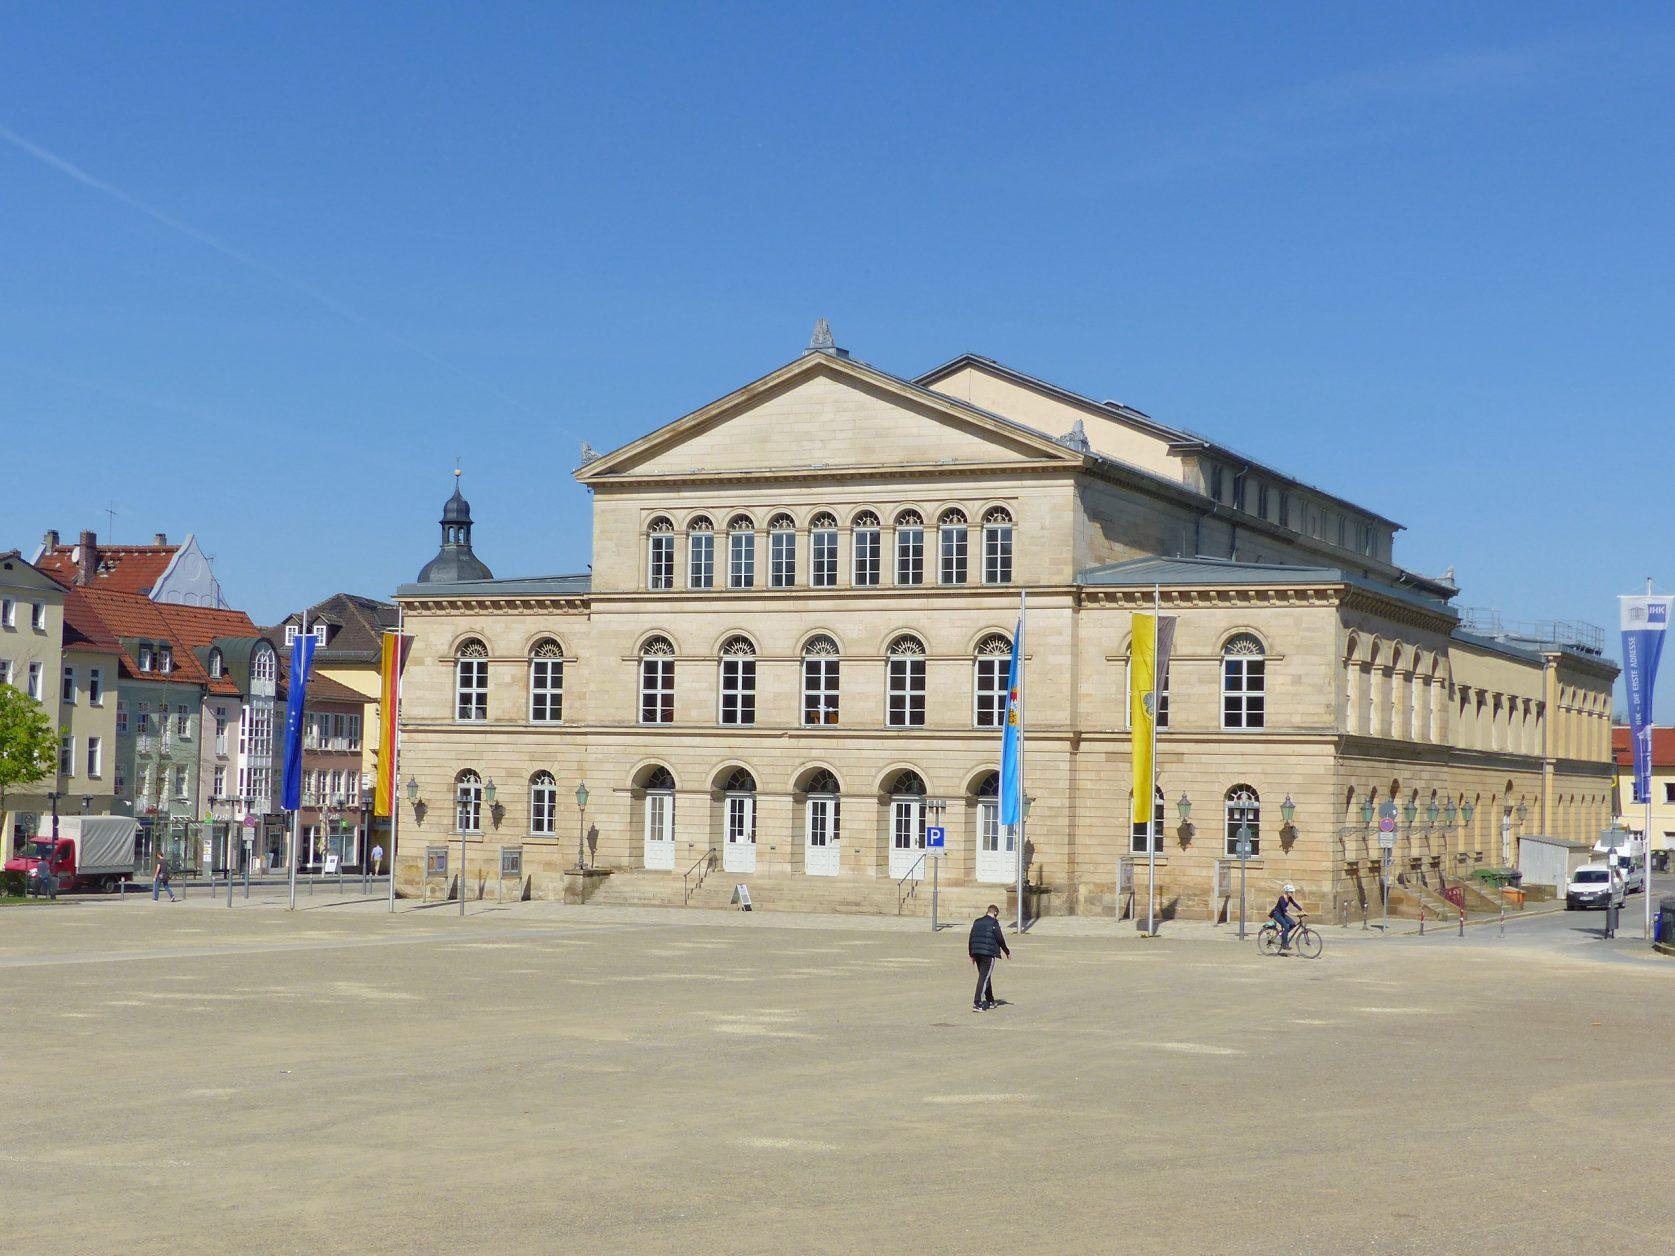 Das Landestheaters Coburg wurde in den 1840ern von Herzog Ernst II. als Hoftheater erbaut. Foto: Weirauch